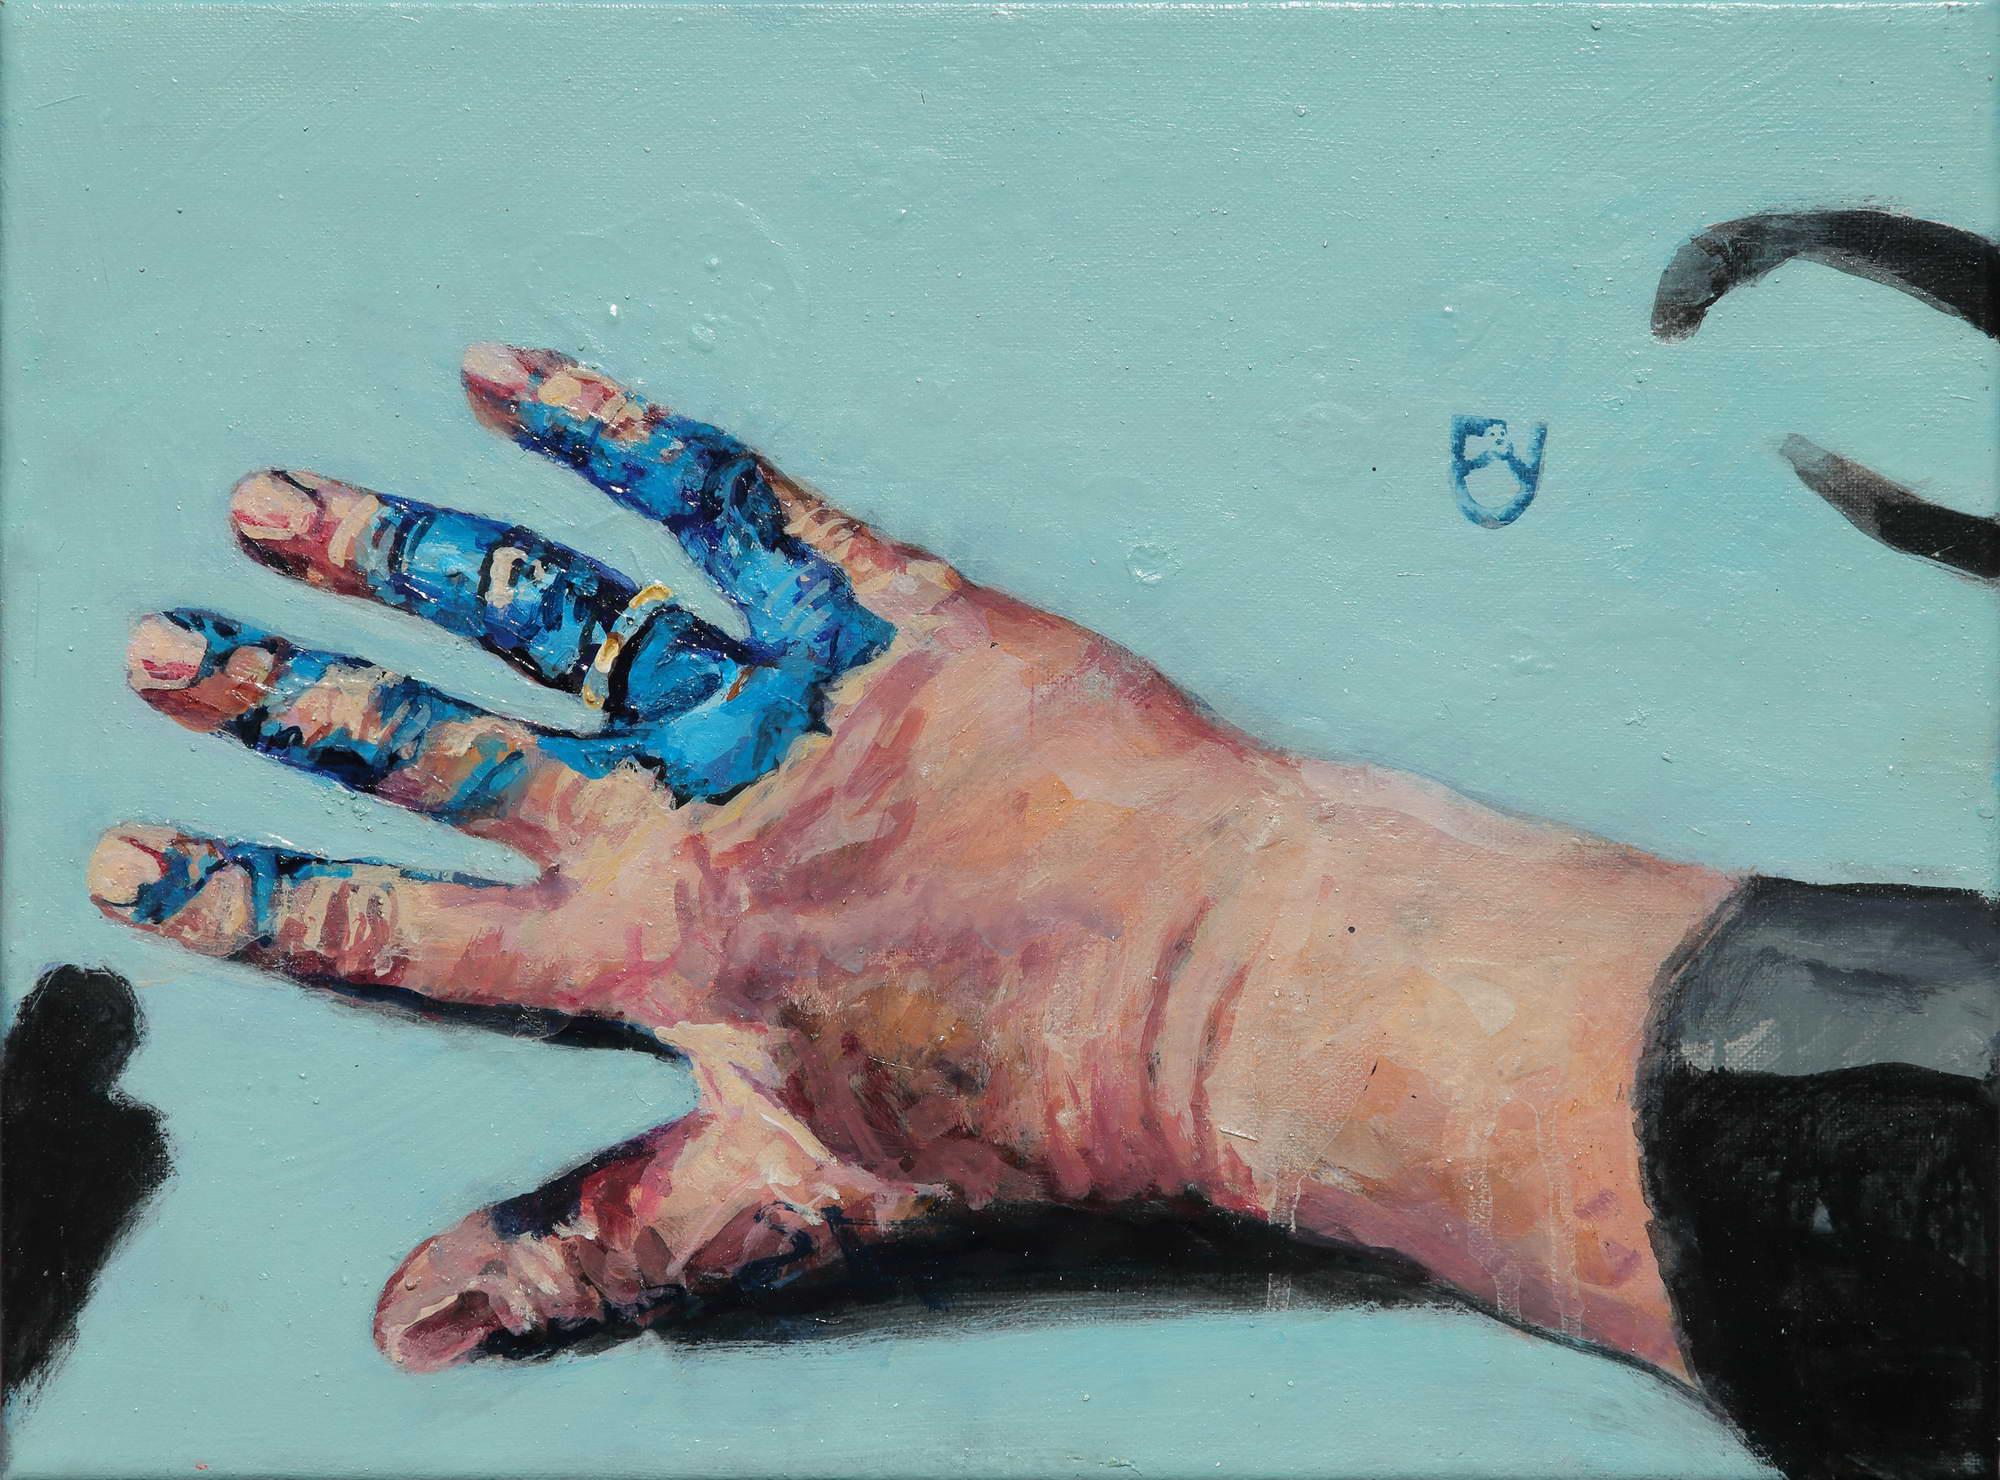 Maler's Hand